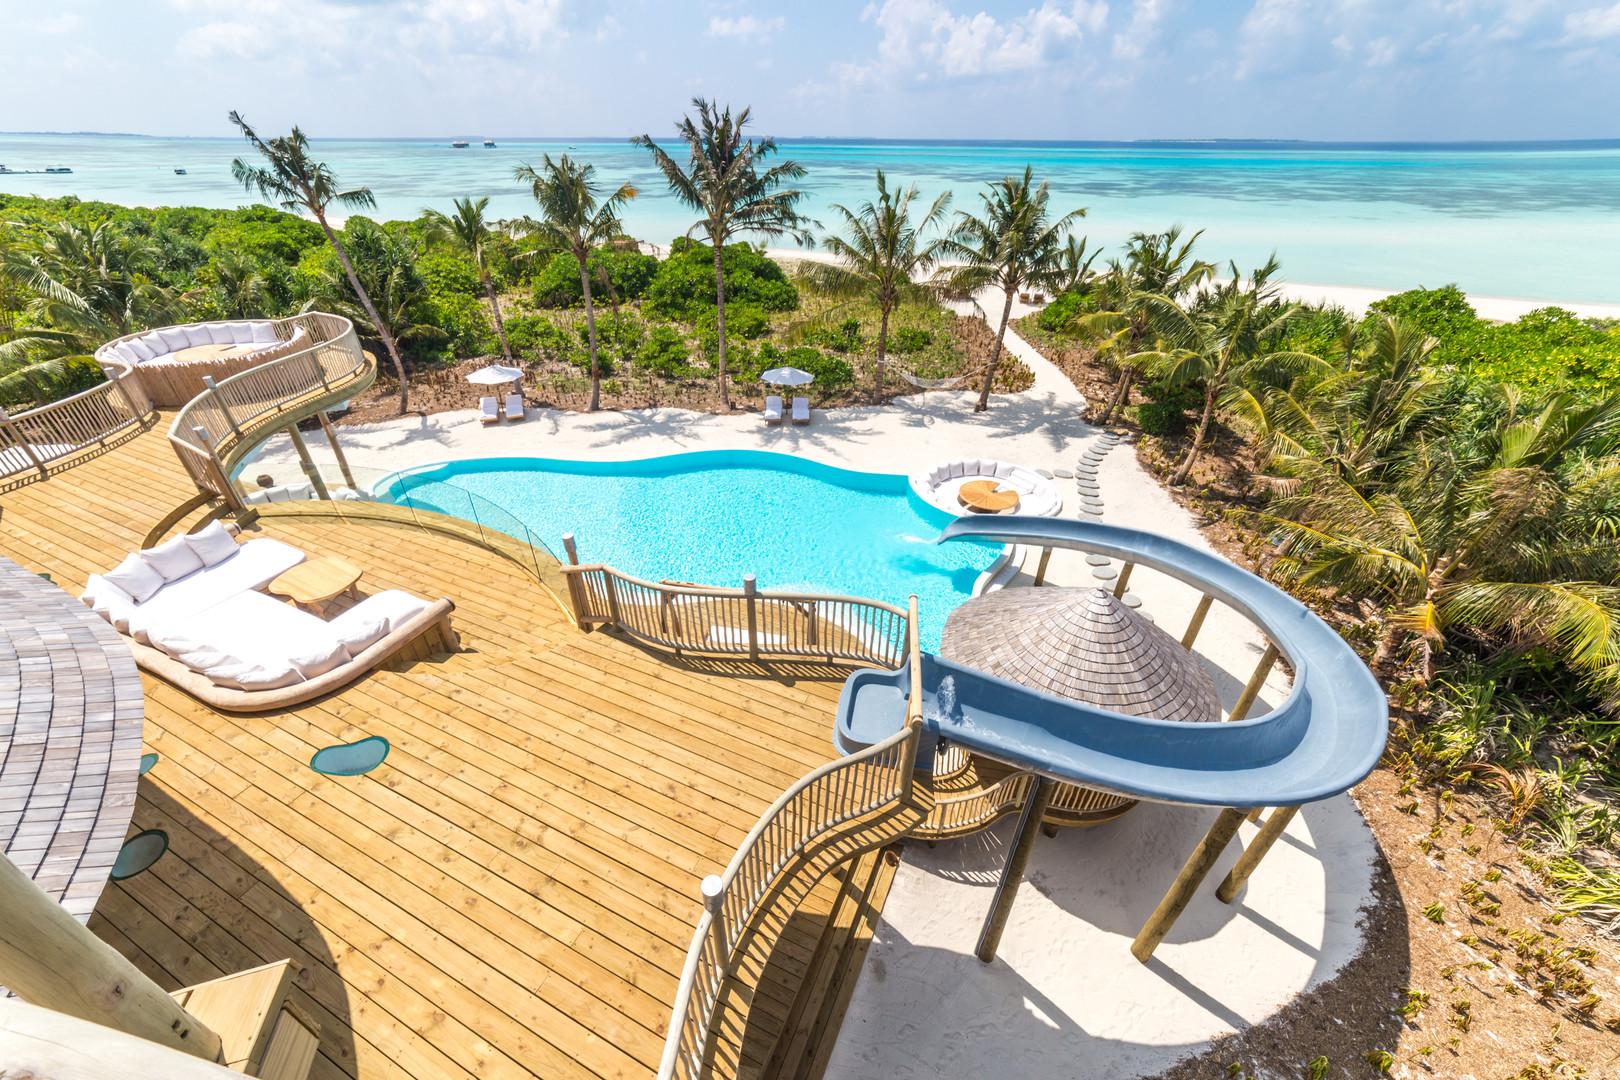 11195_Soneva Jani 3 Bedroom Island Reser